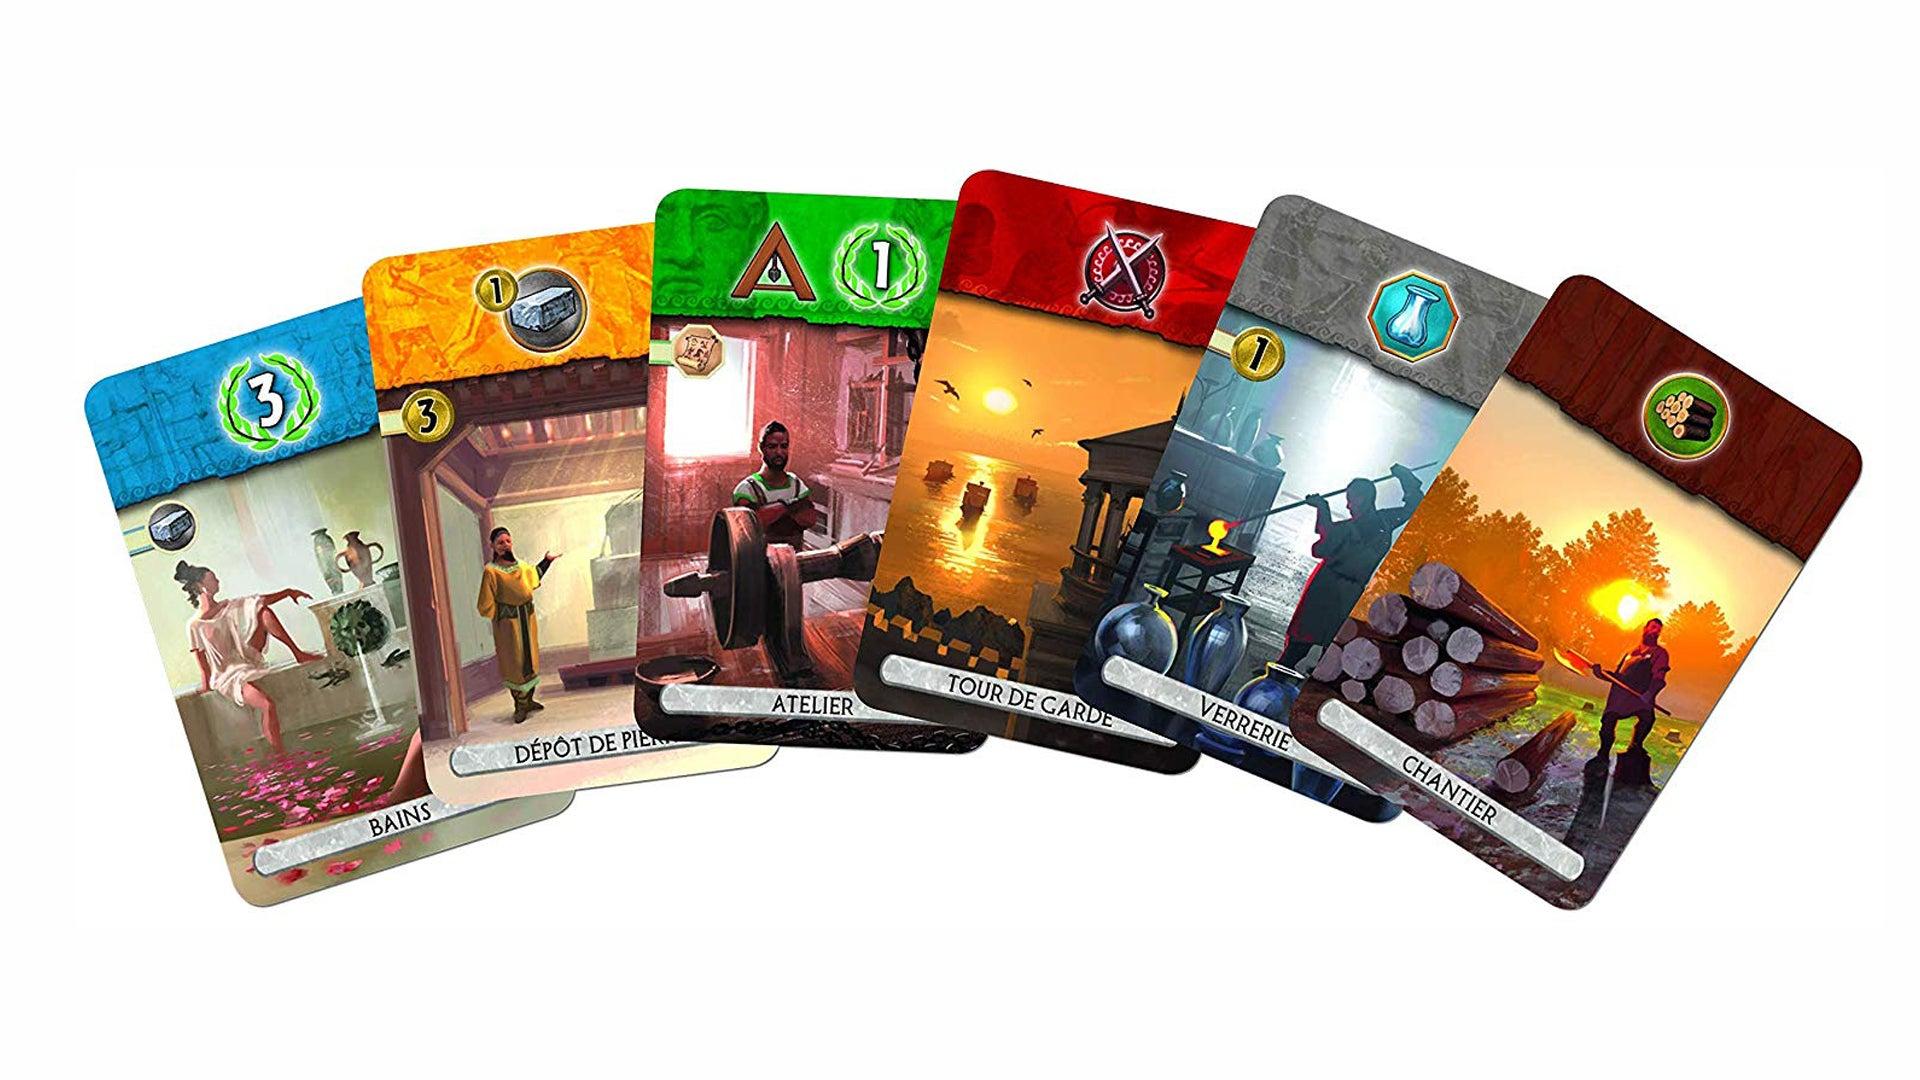 7 Wonders Duel board game cards